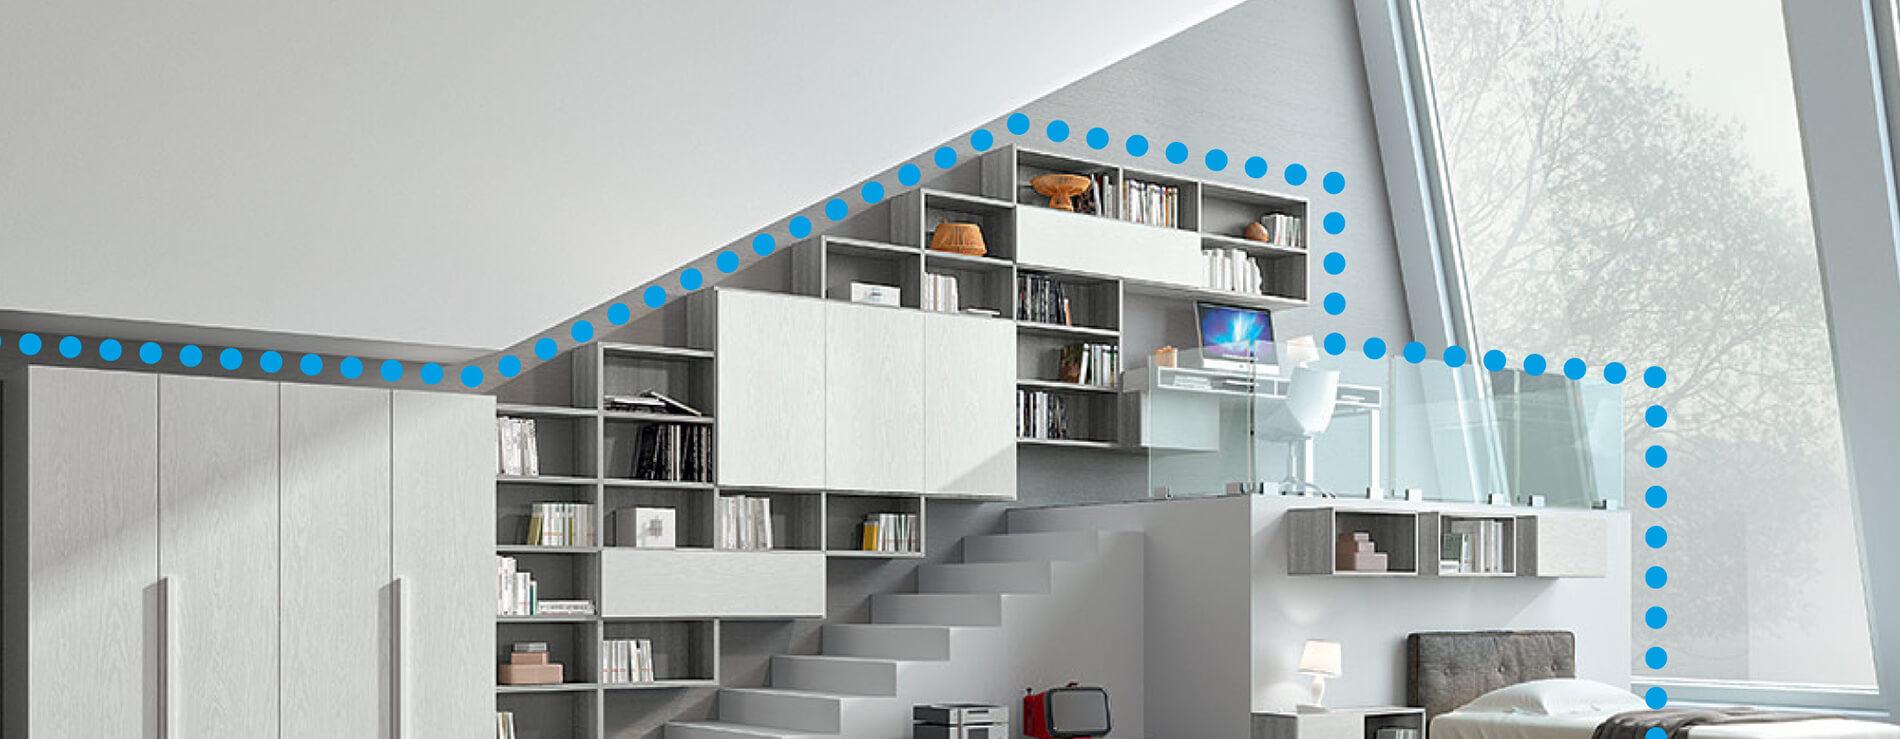 Libreria su misura Ferri mobili